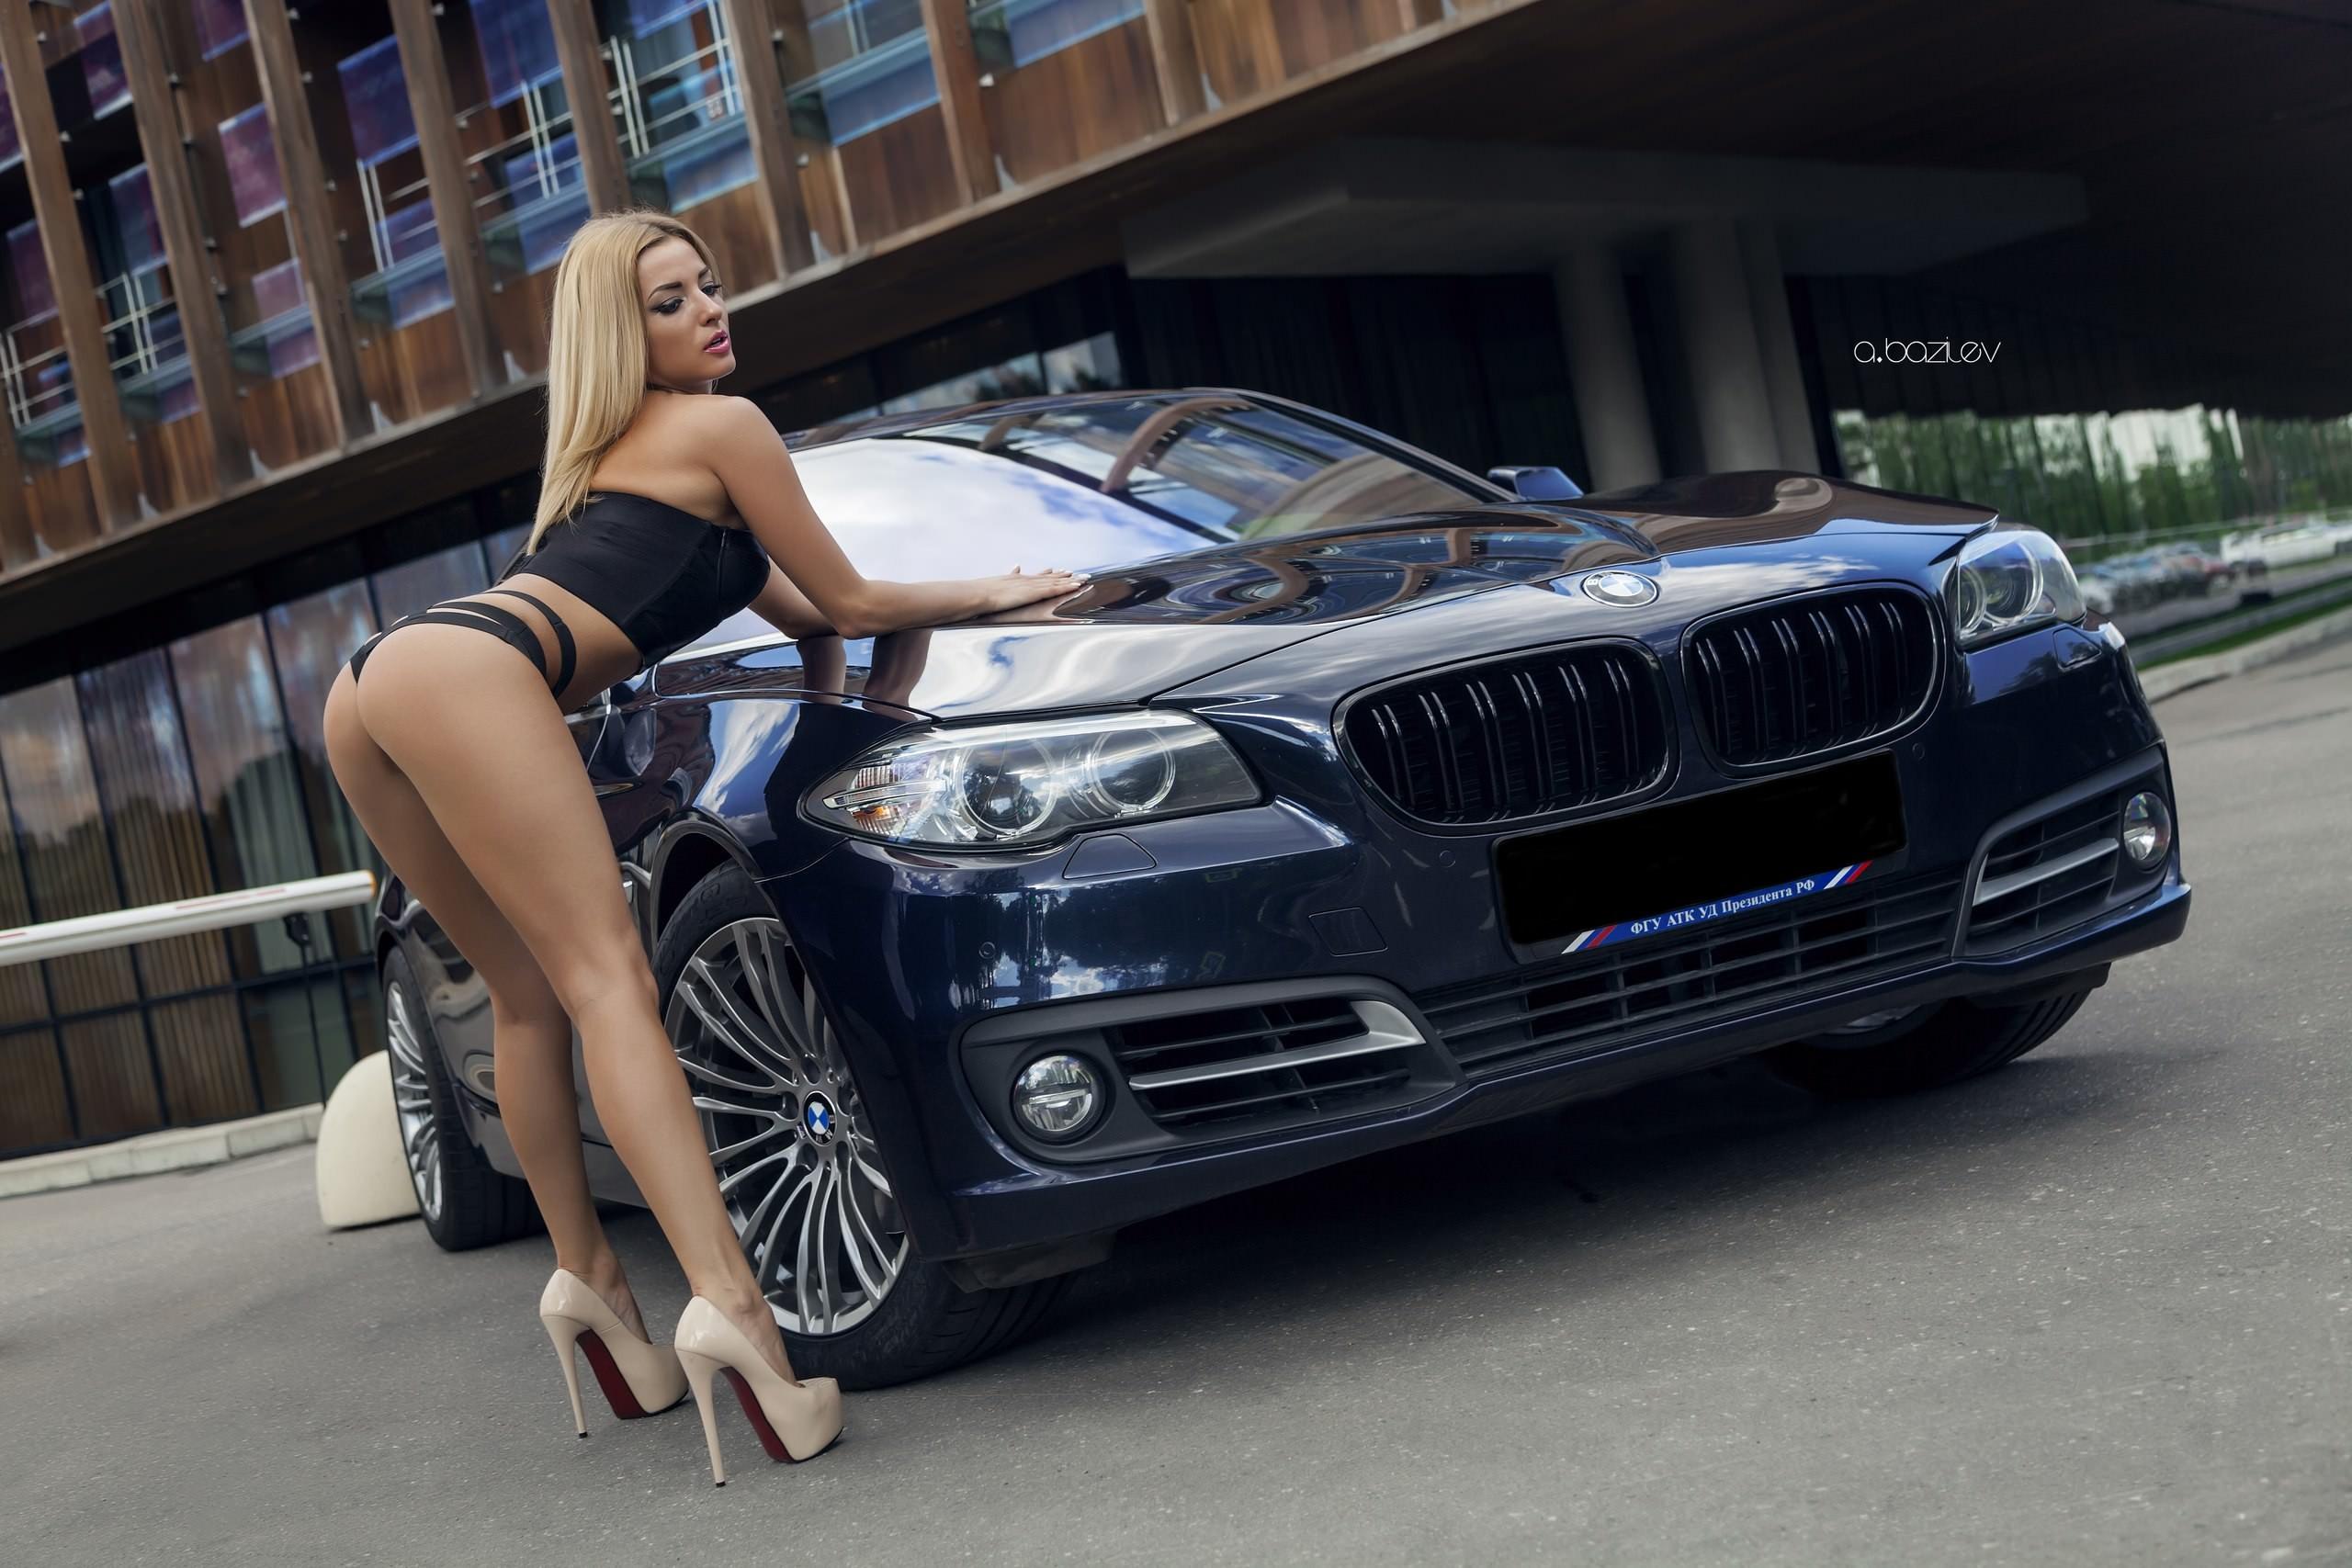 fond d 39 cran femmes blond voiture cul v hicule talons hauts lingerie noire alex bazilev. Black Bedroom Furniture Sets. Home Design Ideas